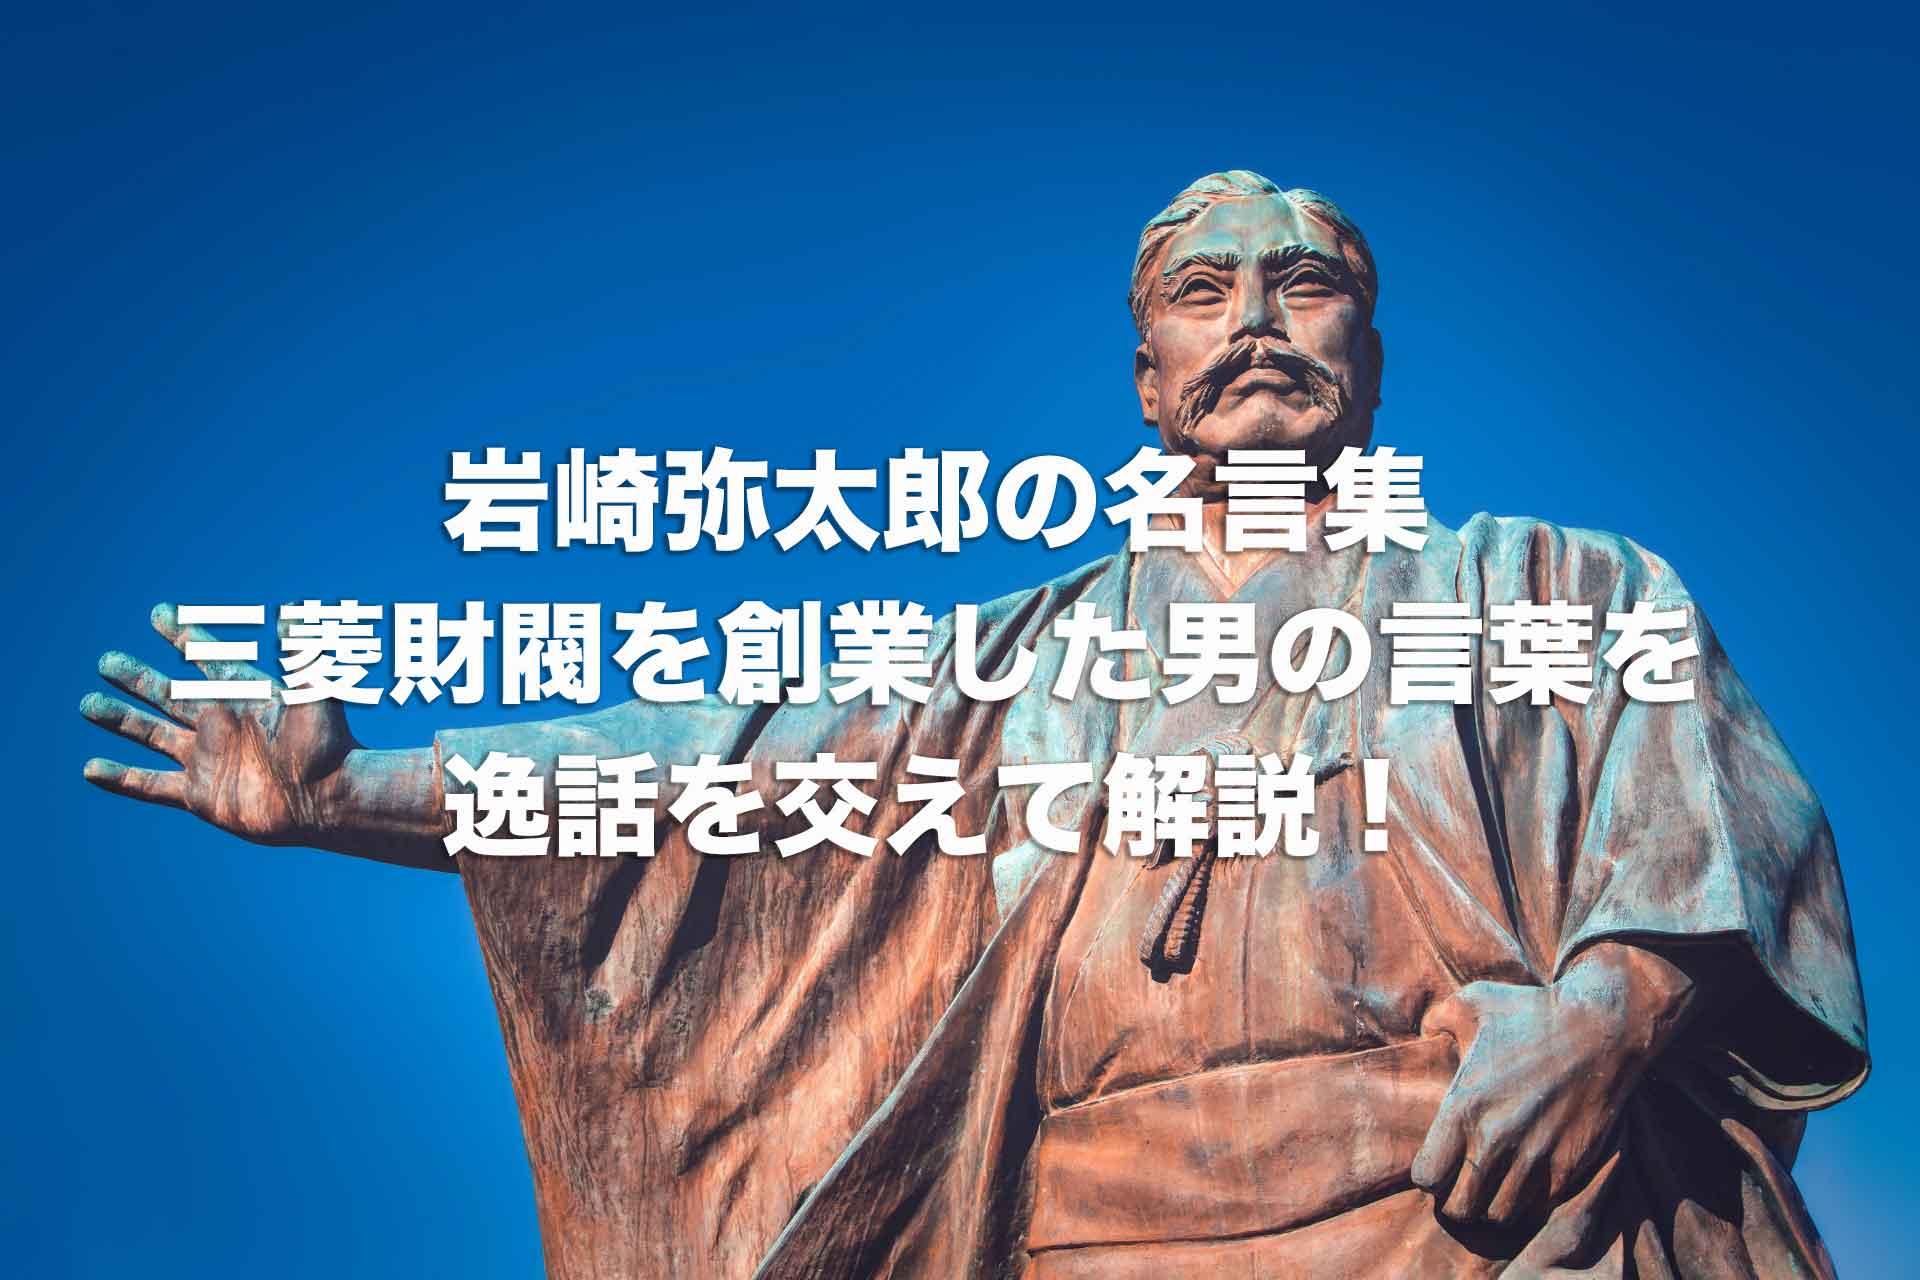 岩崎弥太郎の名言集|三菱財閥を創業した男の言葉を逸話を交えて解説!